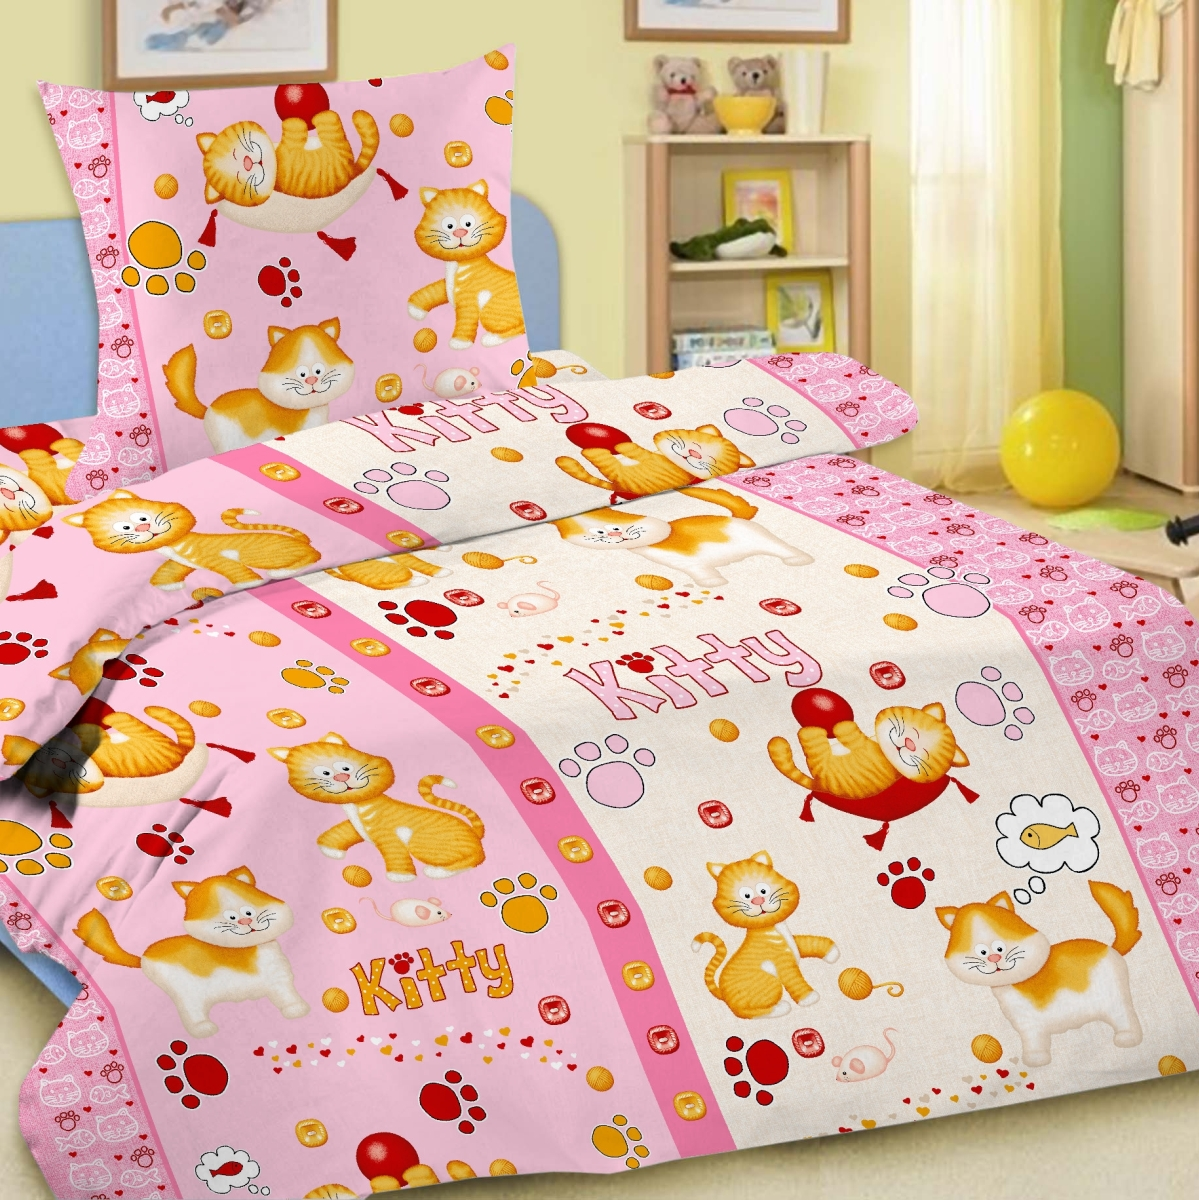 Letto Комплект детского постельного белья Китти цвет розовый012H1800Letto.kids - это веселые детские и подростковые дизайны, в хлопковом исполнении с хорошими устойчивыми красителями и все это по очень доступной цене! Такое белье прослужит долго и выдержит много стирок. Рисунок на наволочке может отличаться от представленного на фото.